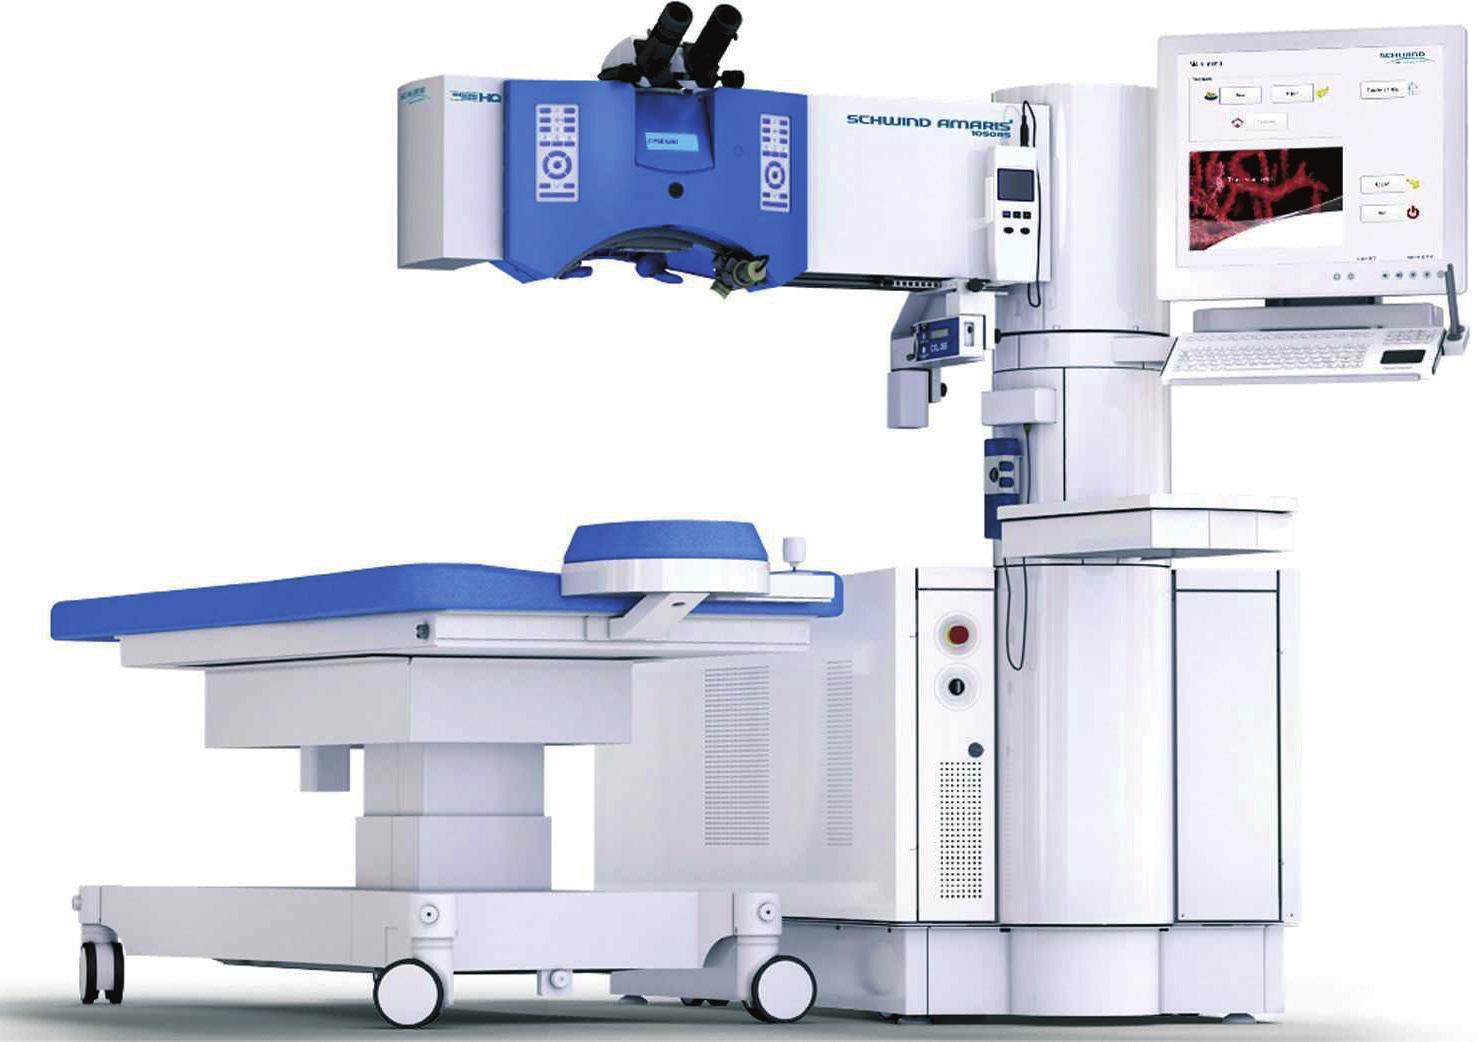 SmartSurfACE Augenlaserbehandlung mit dem Schwind Amaris 1050 RS minimiert die Behandlungszeit. Der Hersteller gibt Regensburg als Referenzadresse an.